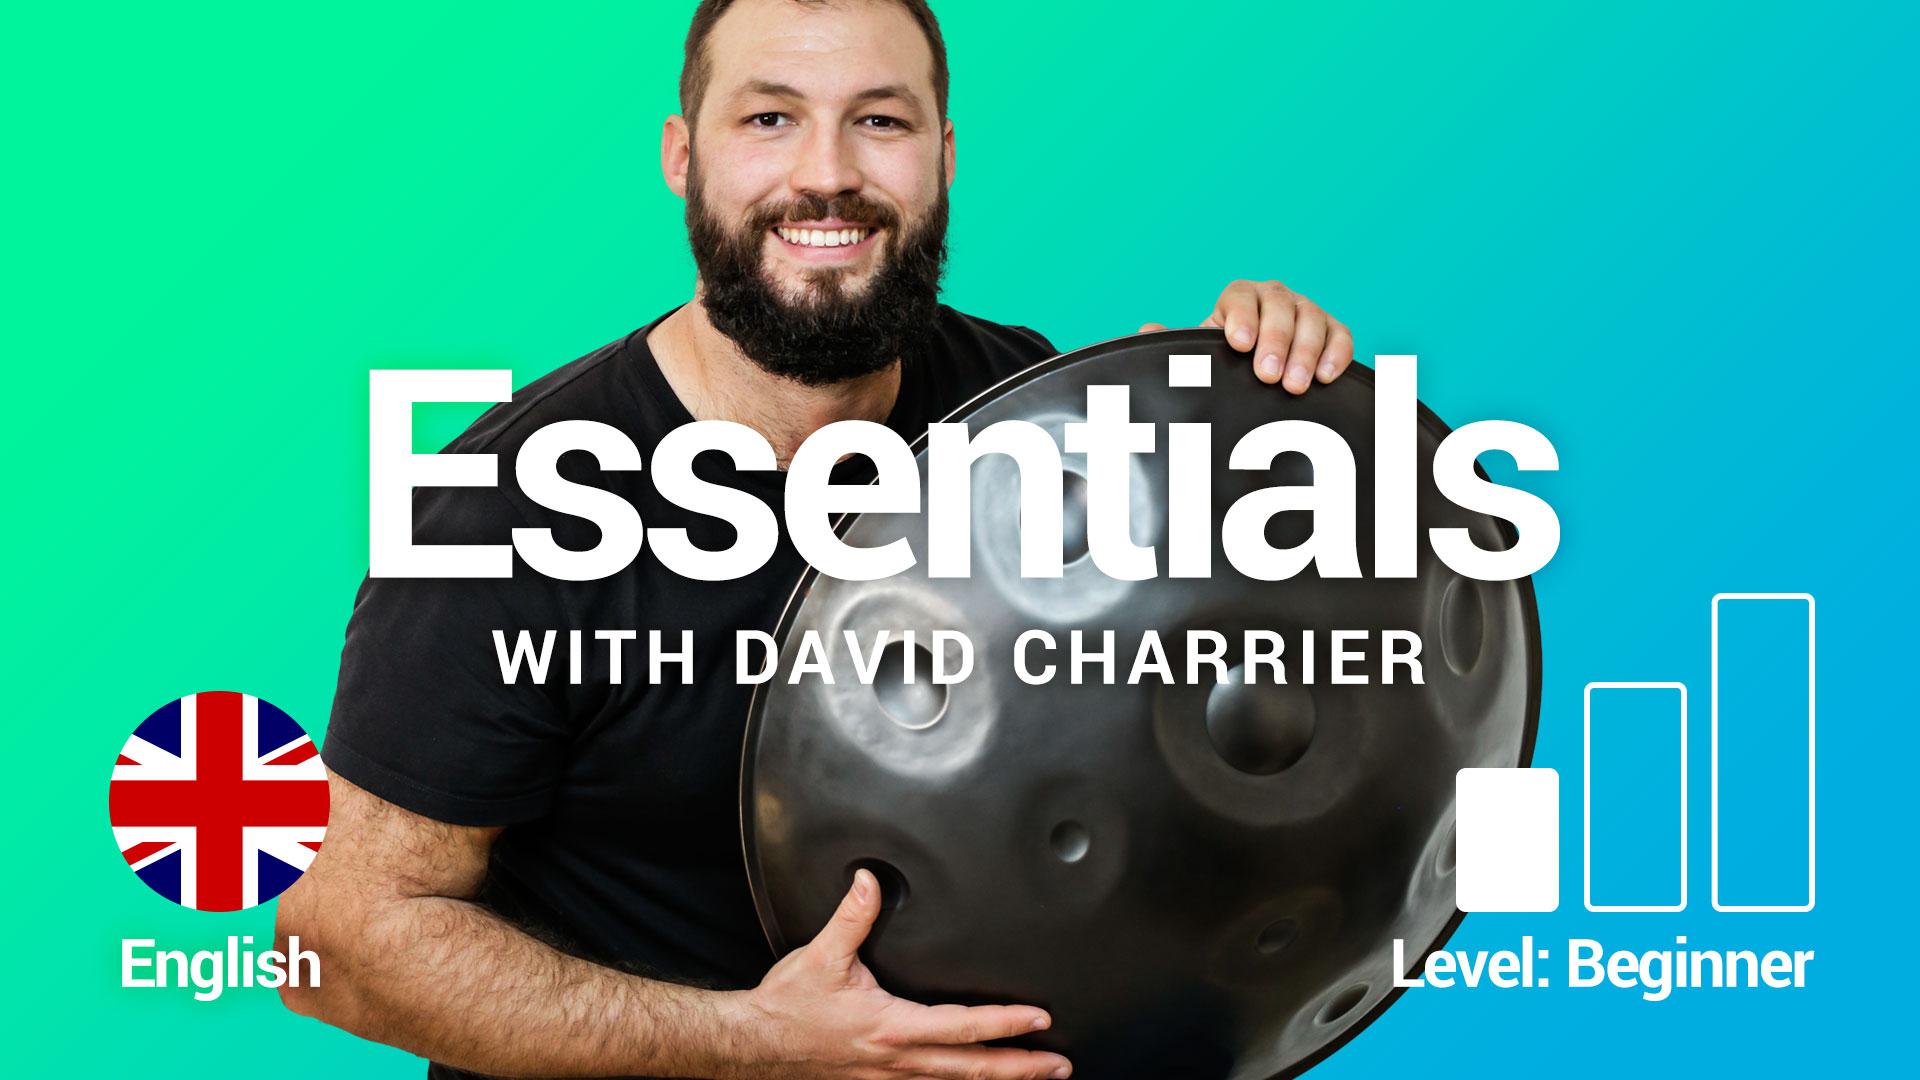 David CHARRIER – Essentials – Beginner handpan course